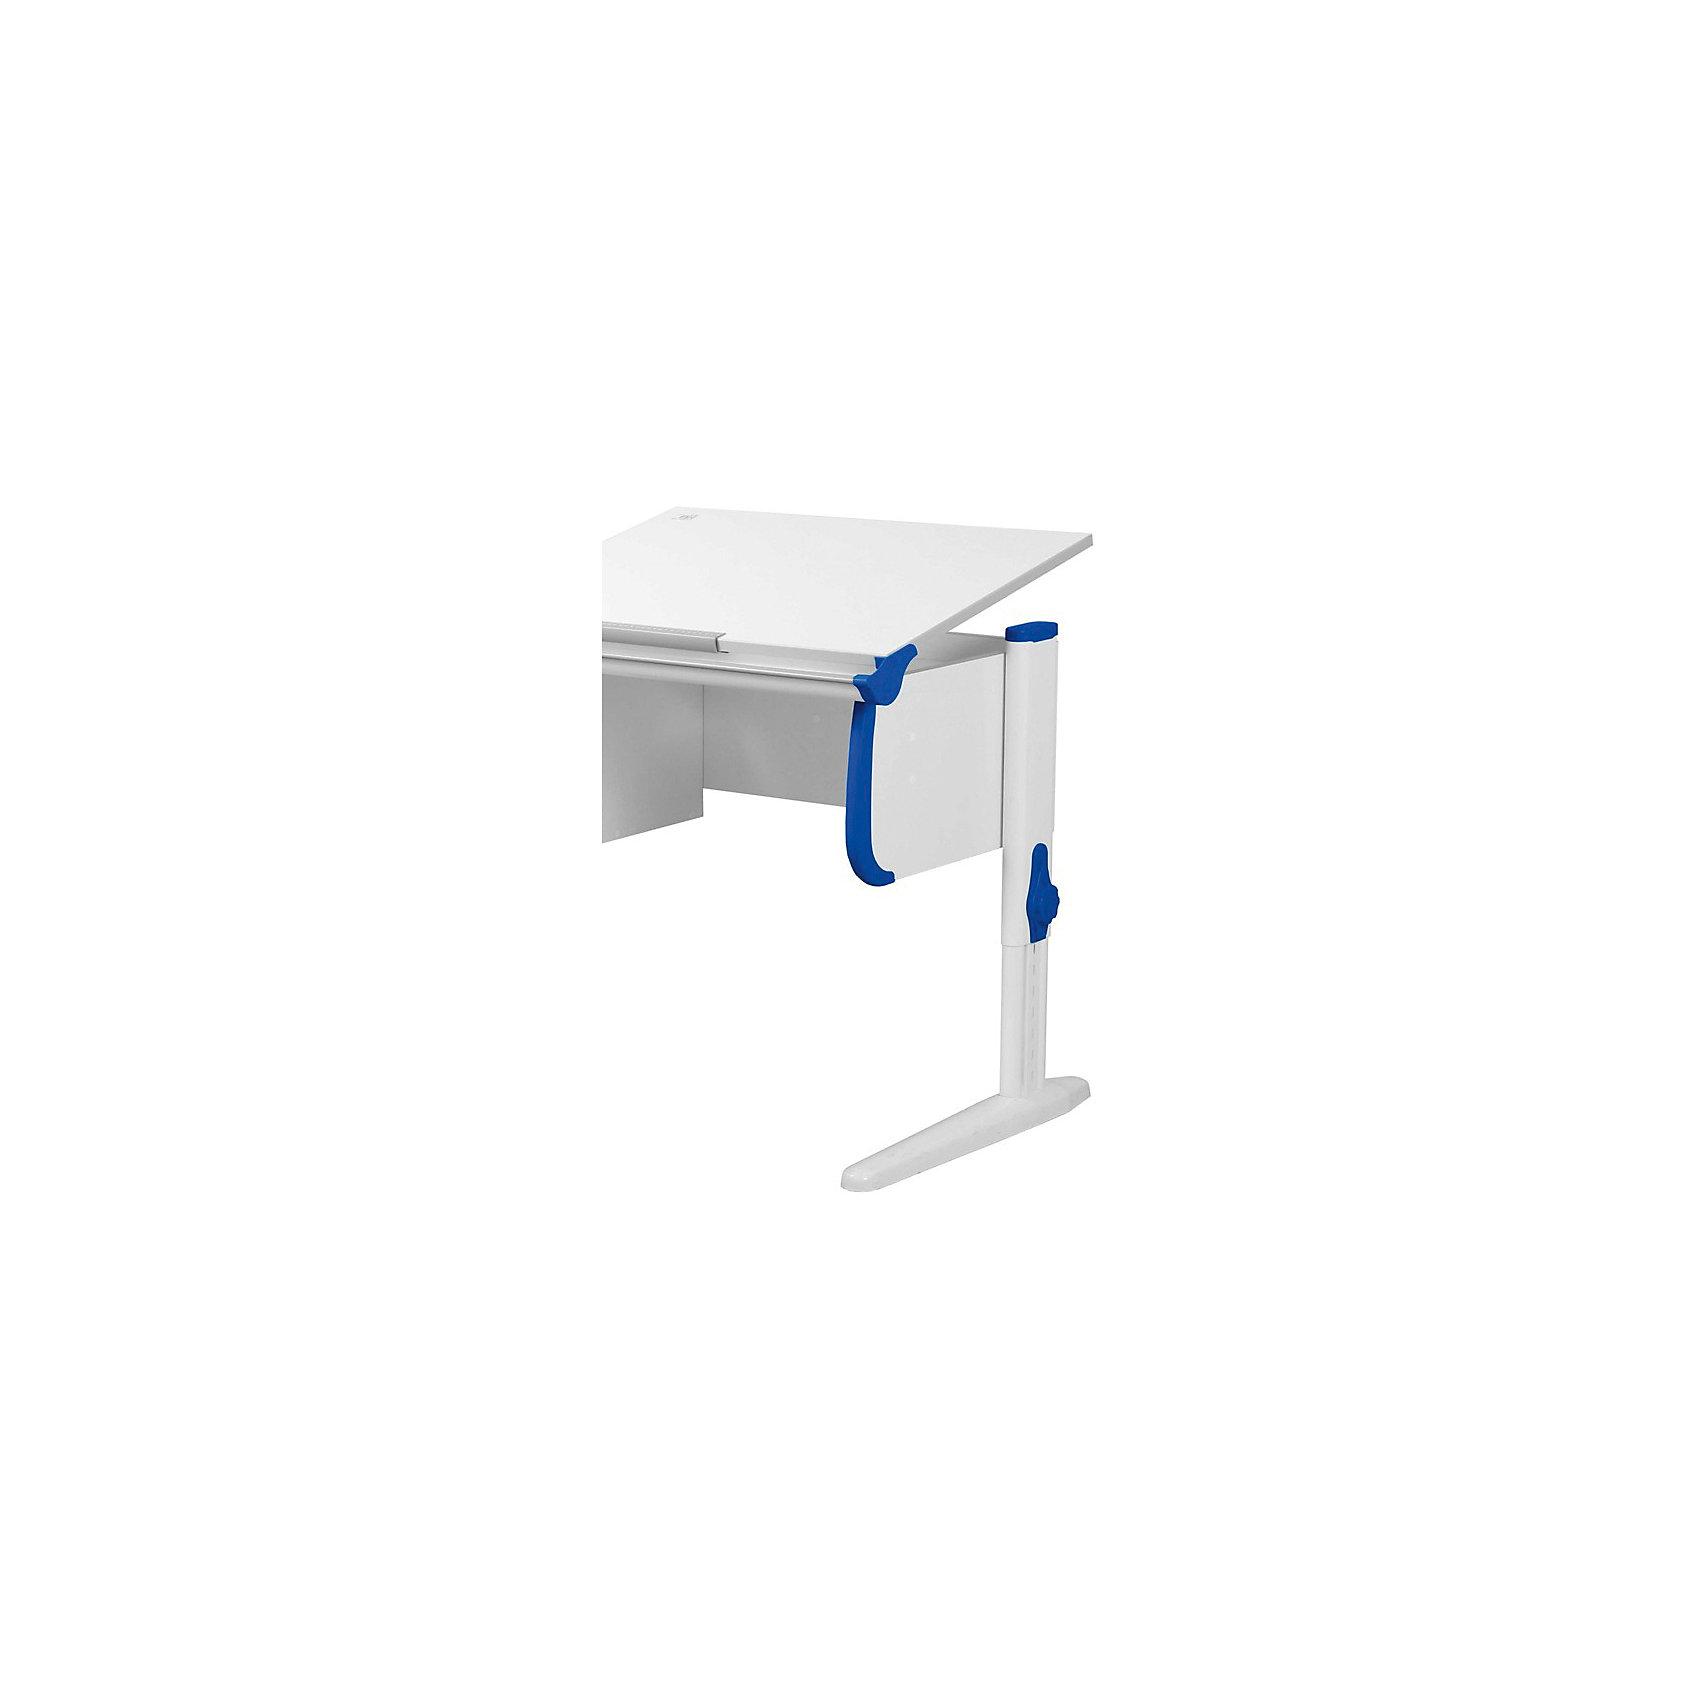 Дэми Комплект декоративных элементов ДЭП.03, Дэми, синий комплект декоративных элементов ит 80 ангстрем